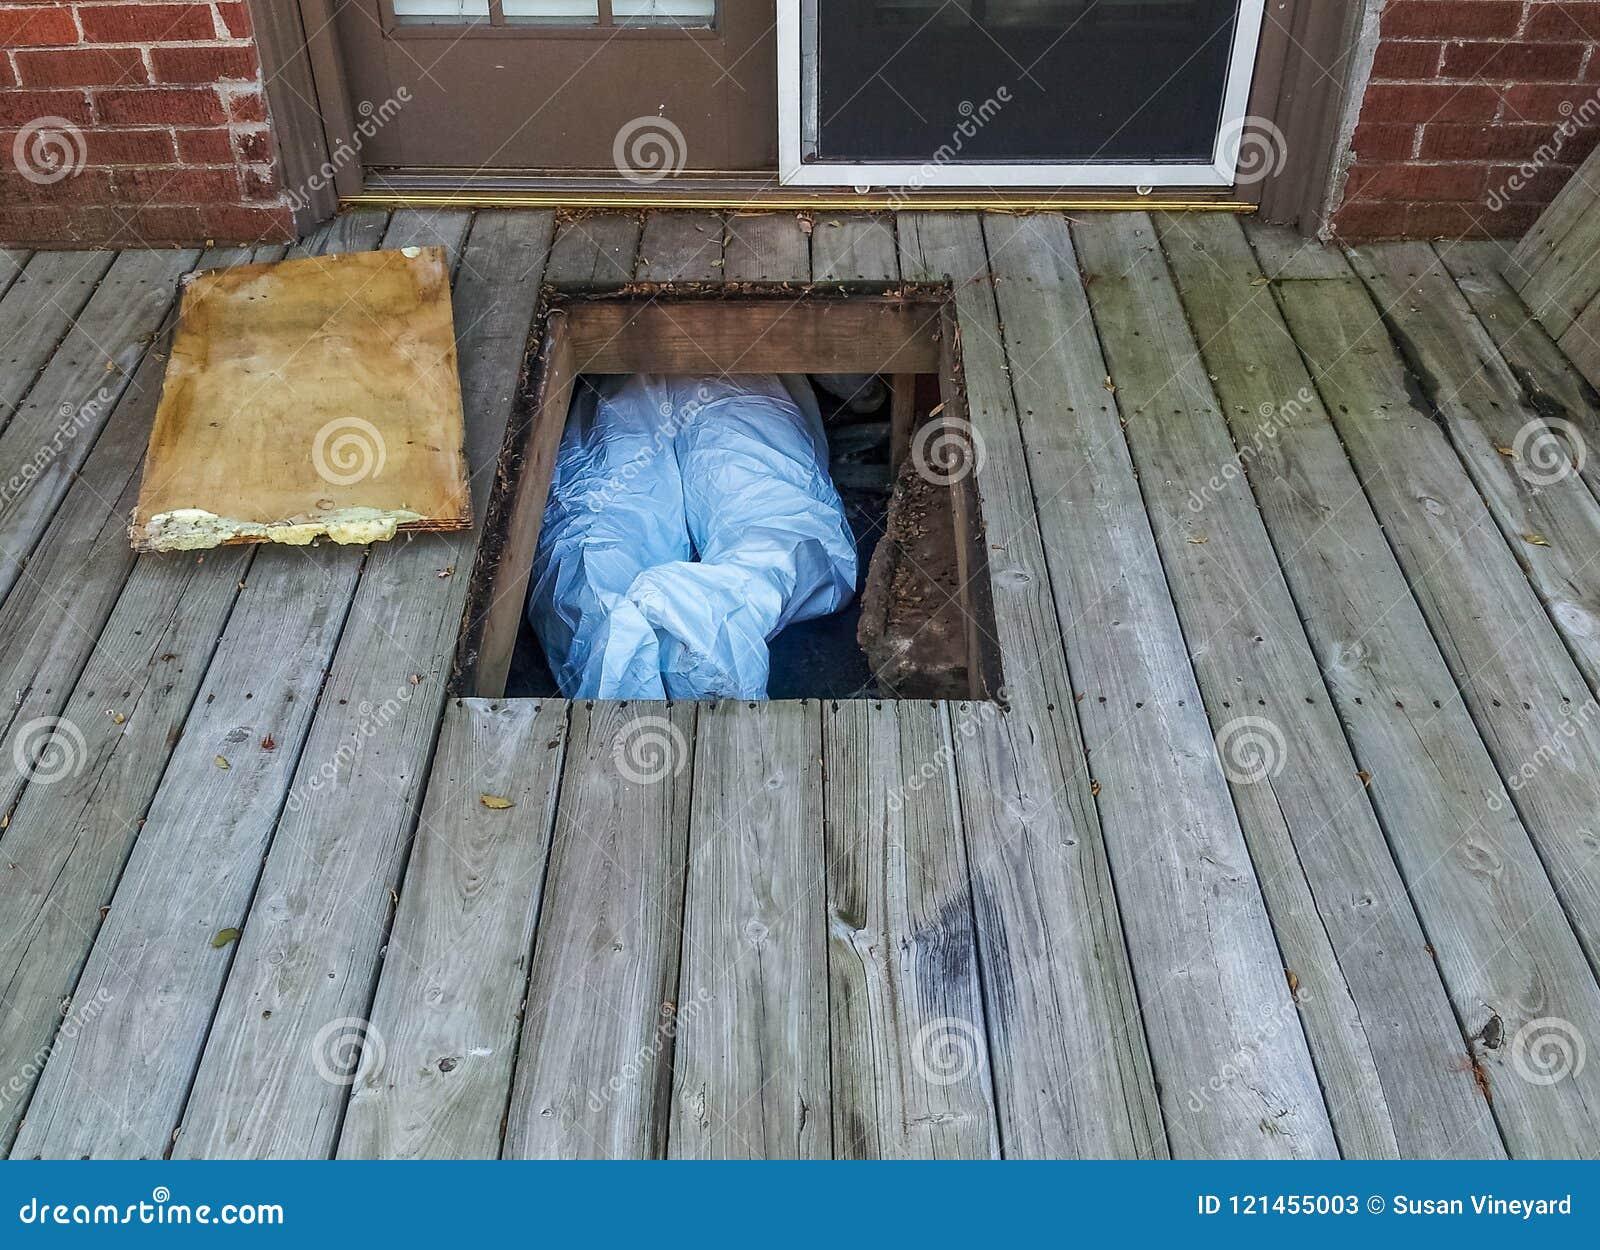 Trabajador con el traje protector crawing debajo de casa del crawlspace por debajo una cubierta de madera - solamente sus piernas